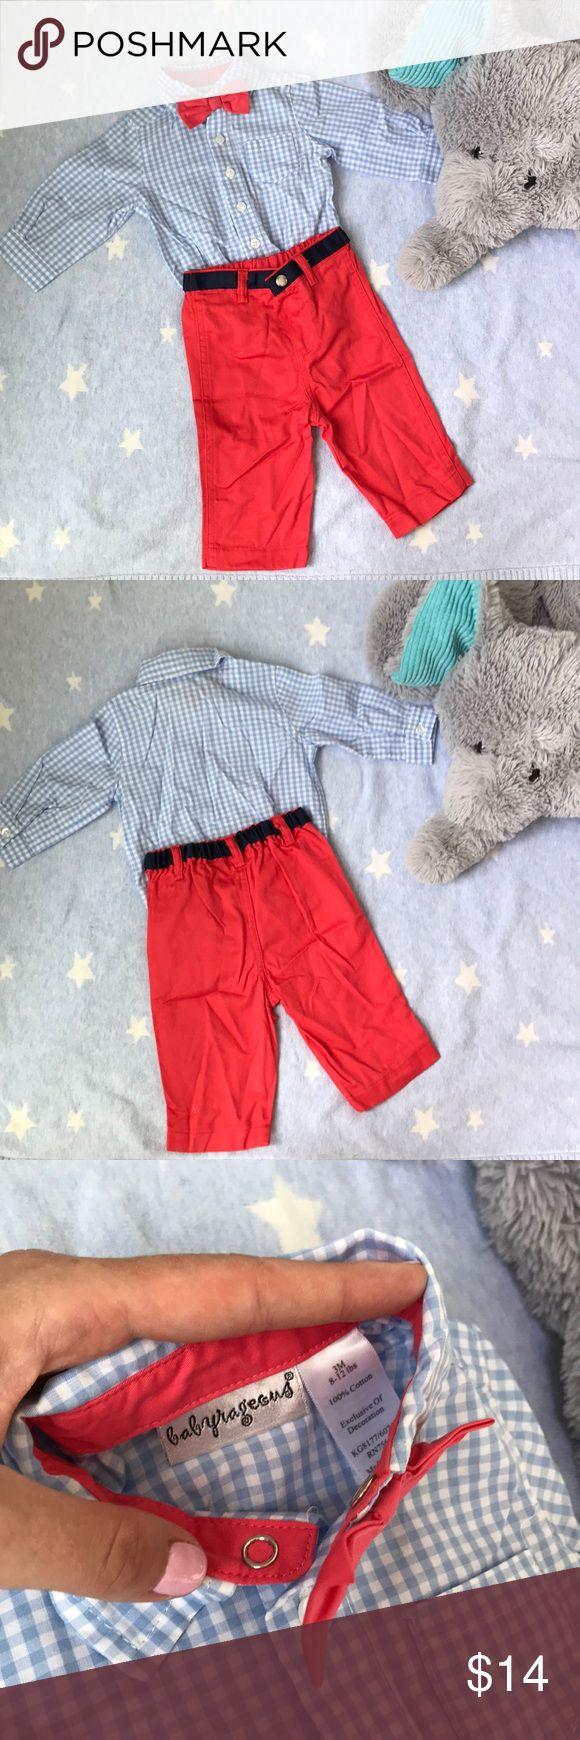 Tenue de nœud papillon babyrageous Pour les bébés très bon marché … chemise à carreaux en vichy bleu clair …   – My Posh Picks